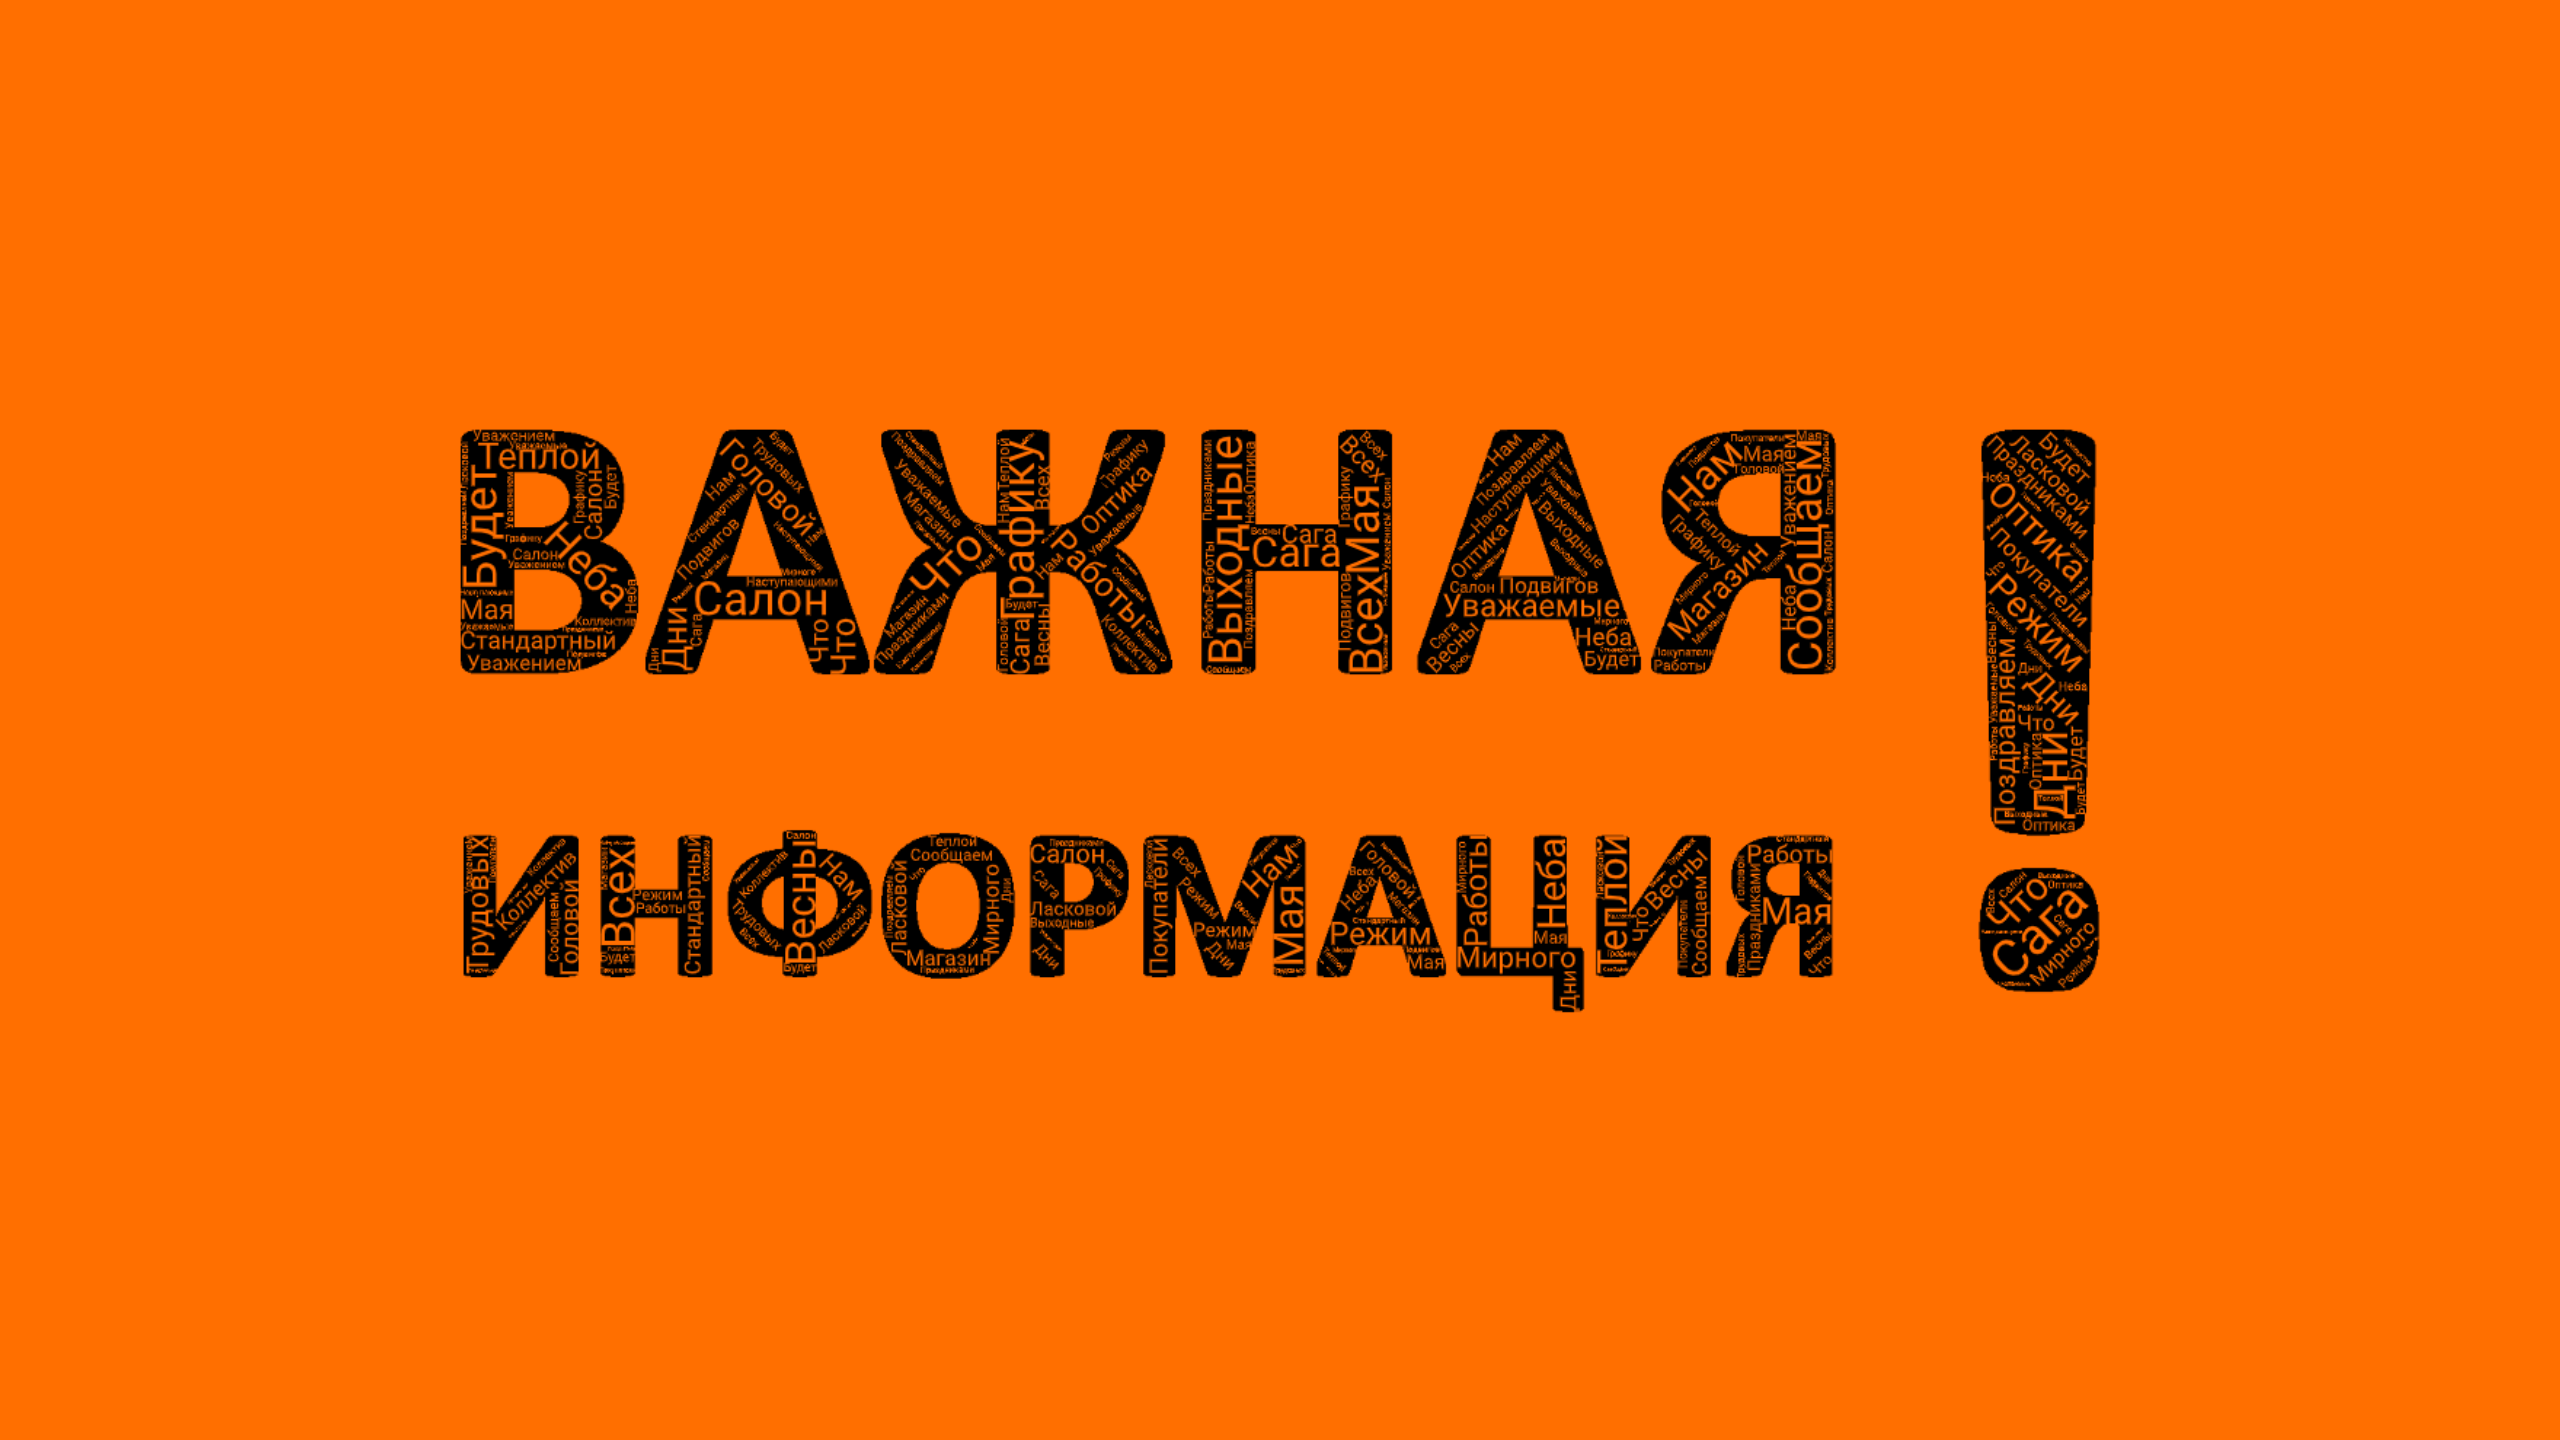 Режим работы САГА-ОПТИКА 1-10 мая 2021 года